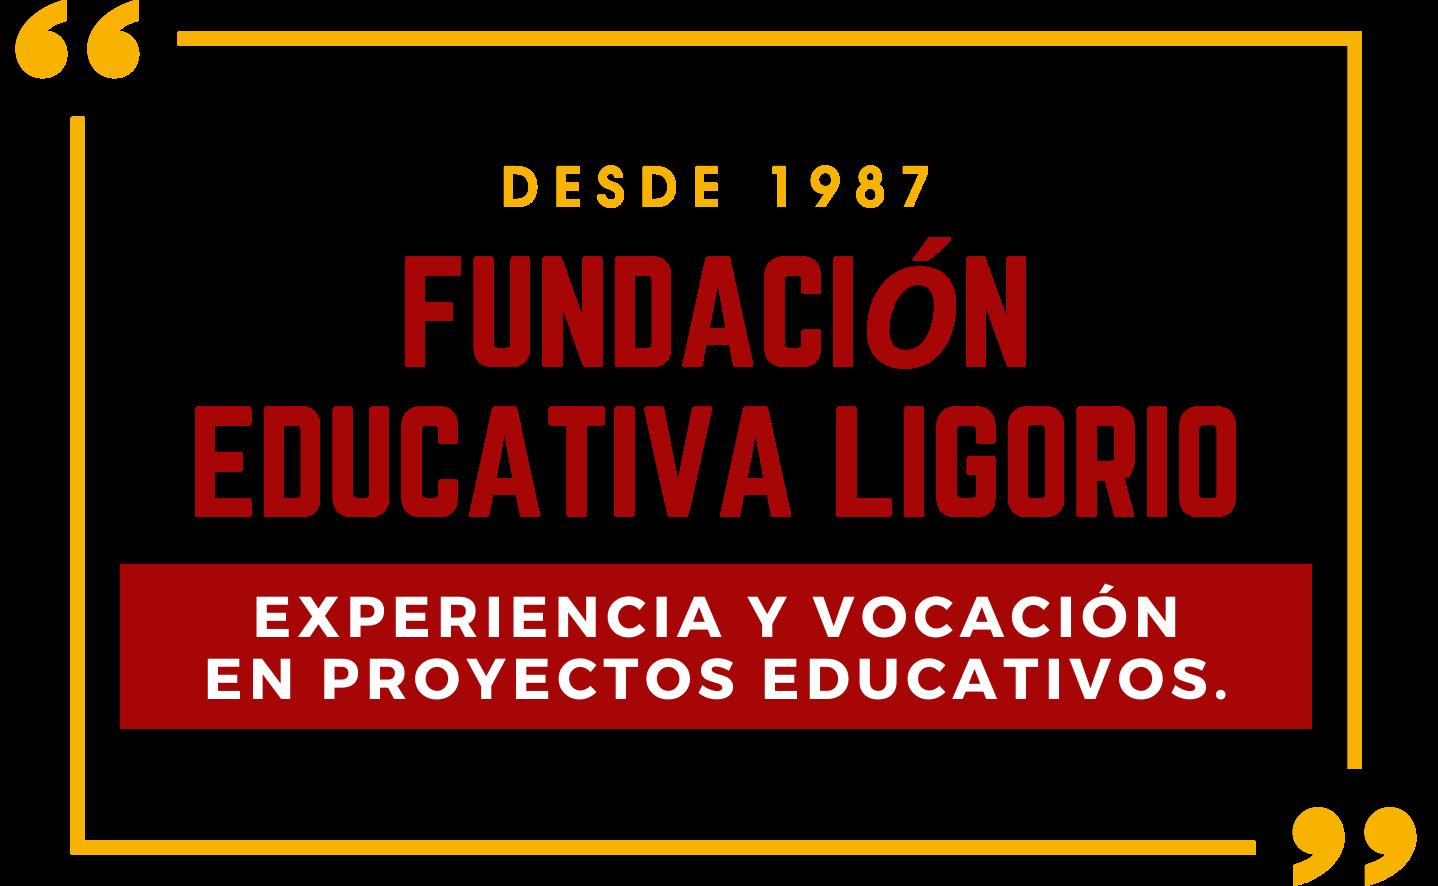 Fundación Educativa Ligorio